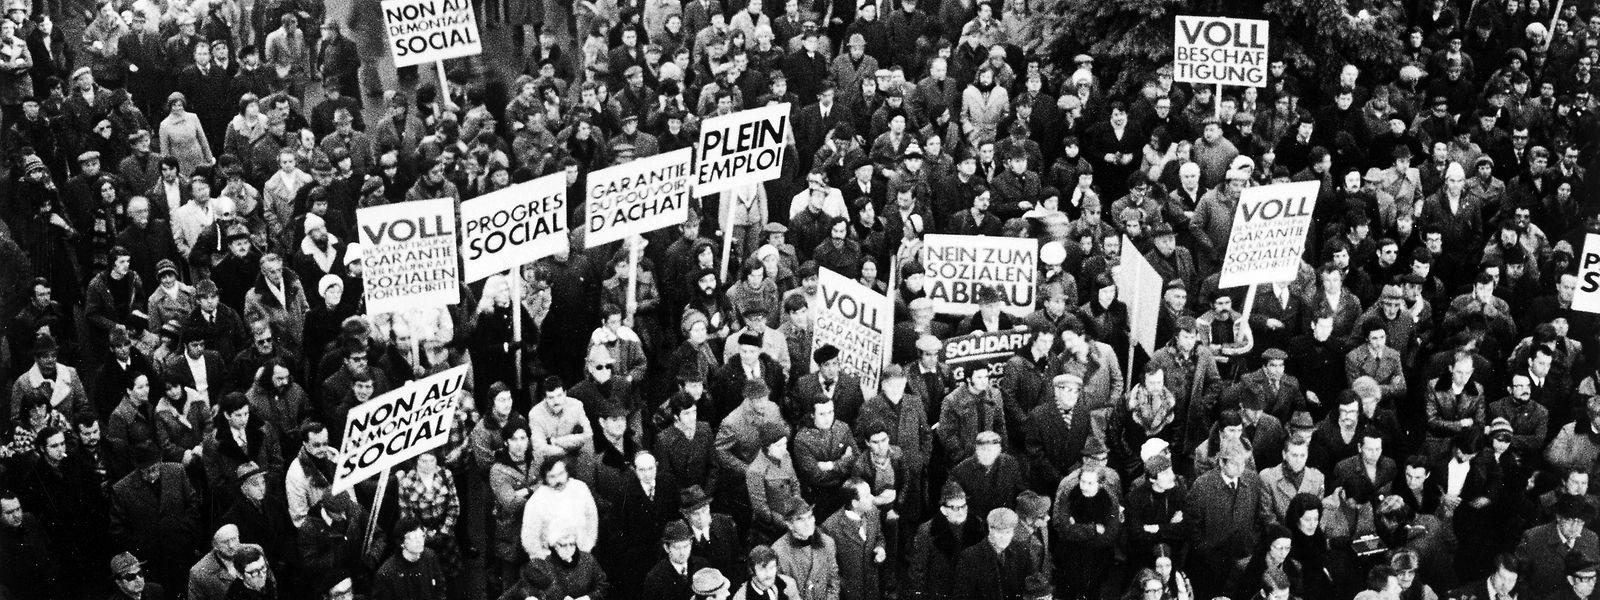 Die Stahlkrise war die Mutter der Tripartite. Im Dezember 1976 forderten die Gewerkschaften bei einer Demonstration auf dem Knuedler die Regierung zum Dialog mit den Sozialpartnern auf.